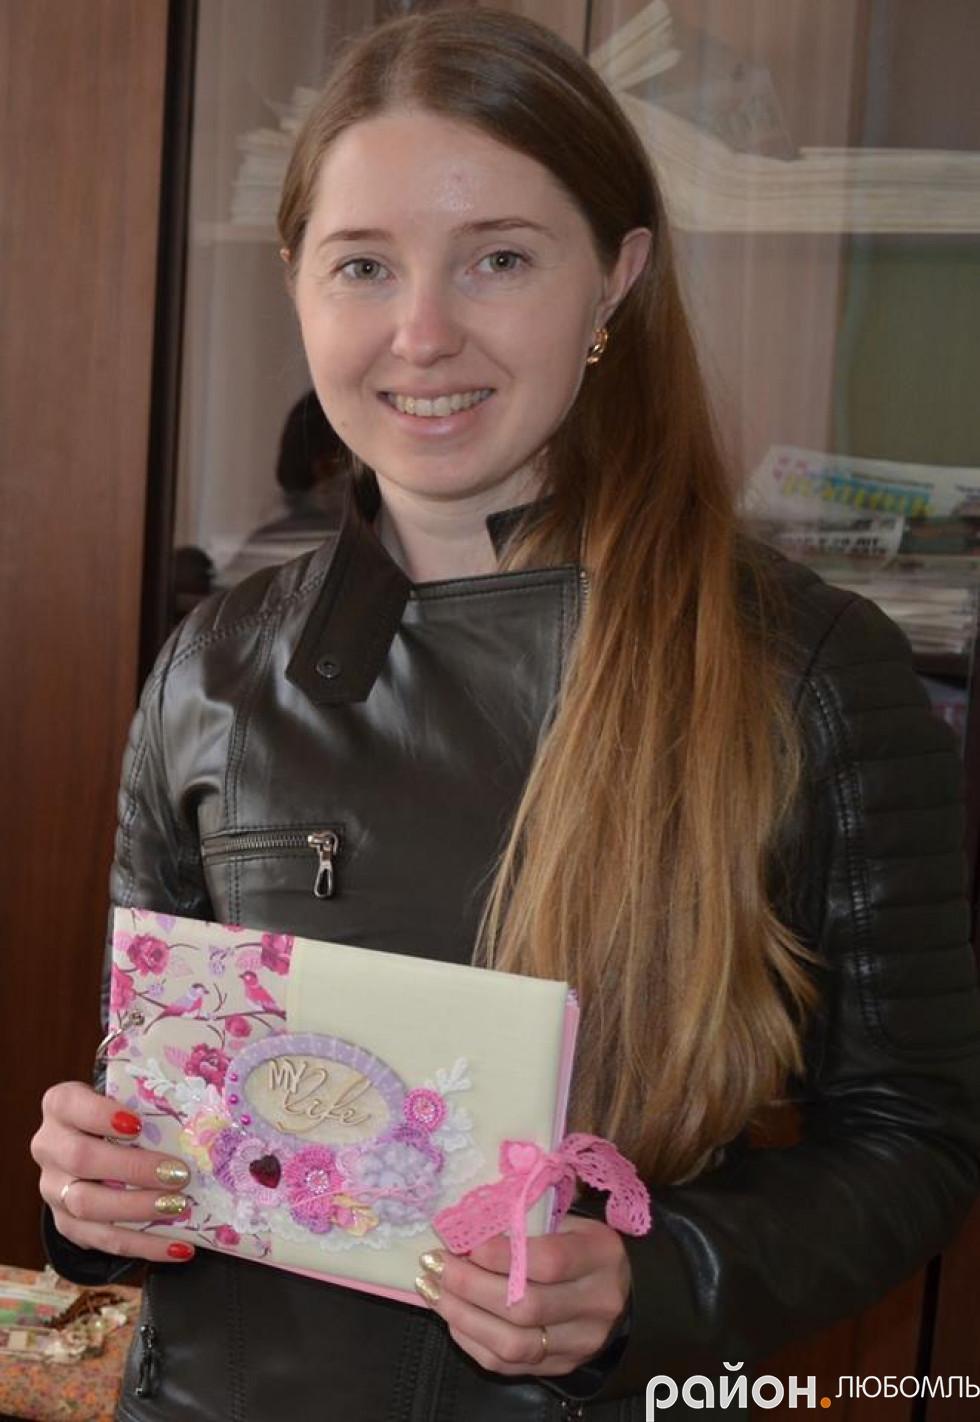 Наталія Веремчук із Вишнева купила фотоальбом своїй донечці.